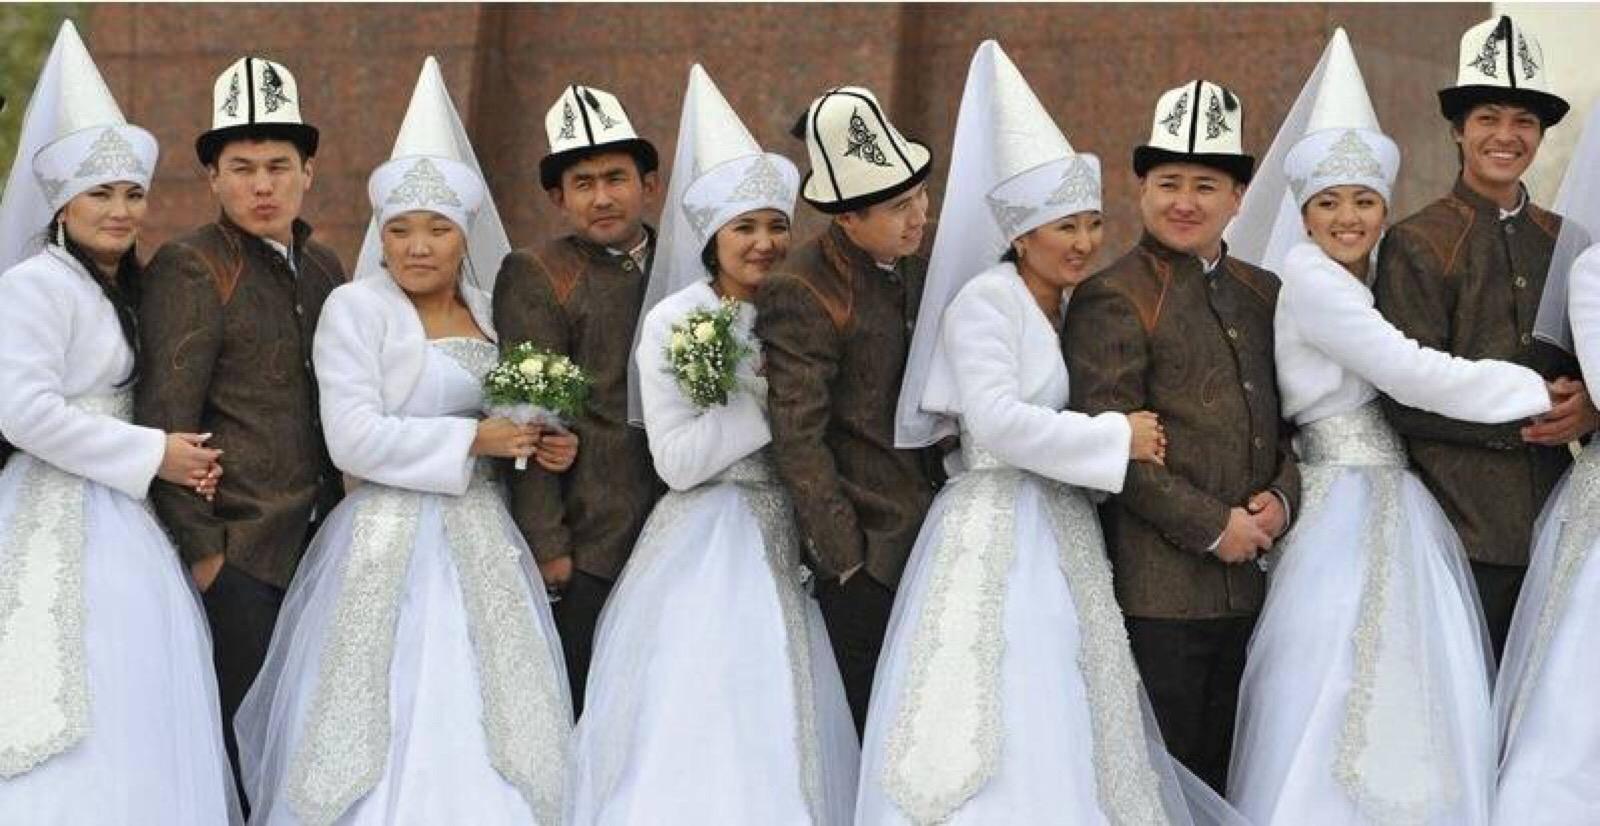 吉尔吉斯斯坦人口_吉尔吉斯斯坦历年女性占总人口比重--快易数据